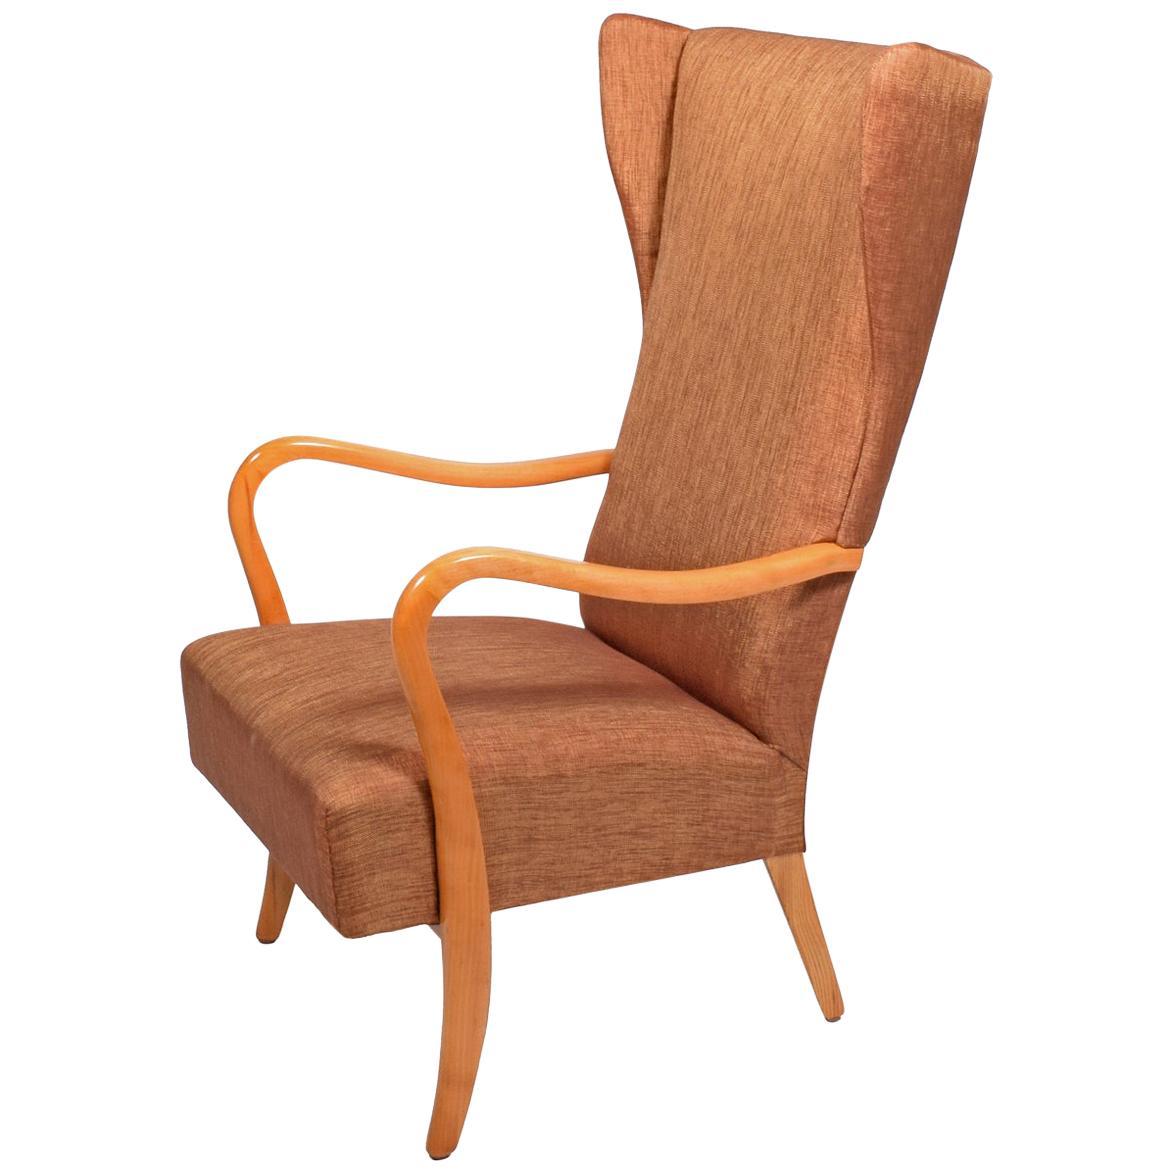 Alfred Christensen Easy Chair for Slagelse Møbelværk, 1940s